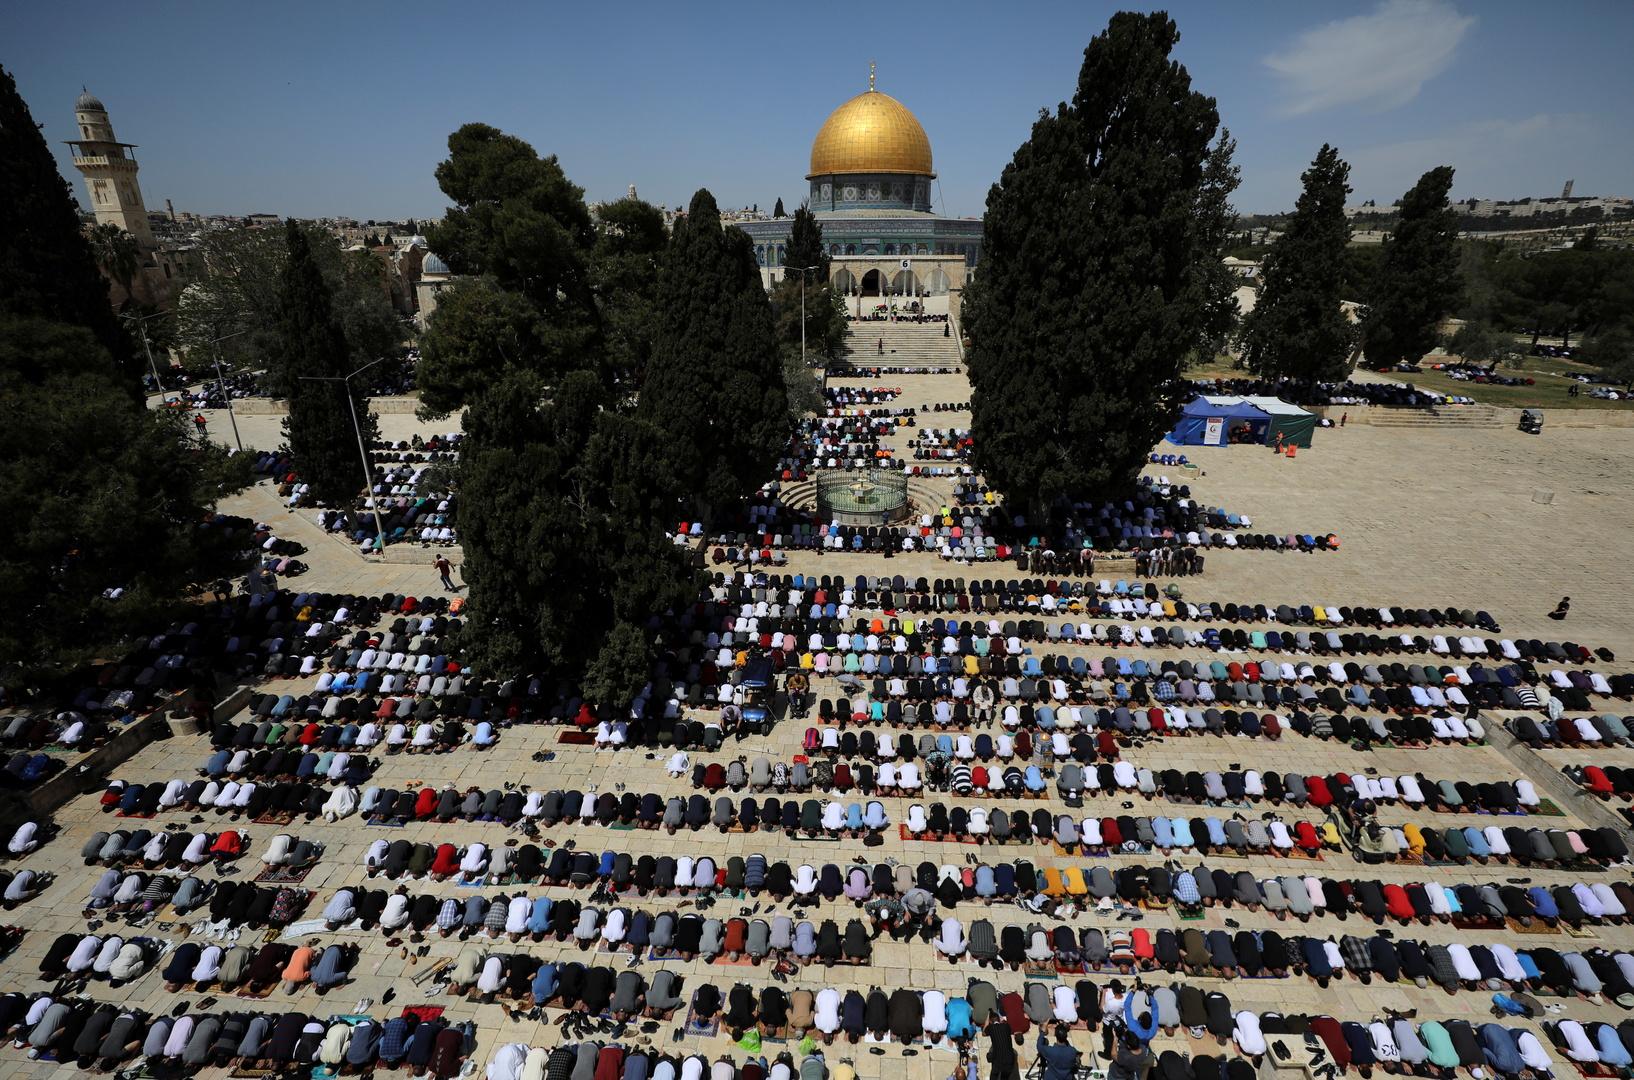 صلاة حاشدة في المسجد الأقصى في أول جمعة من رمضان منذ انتشار كورونا